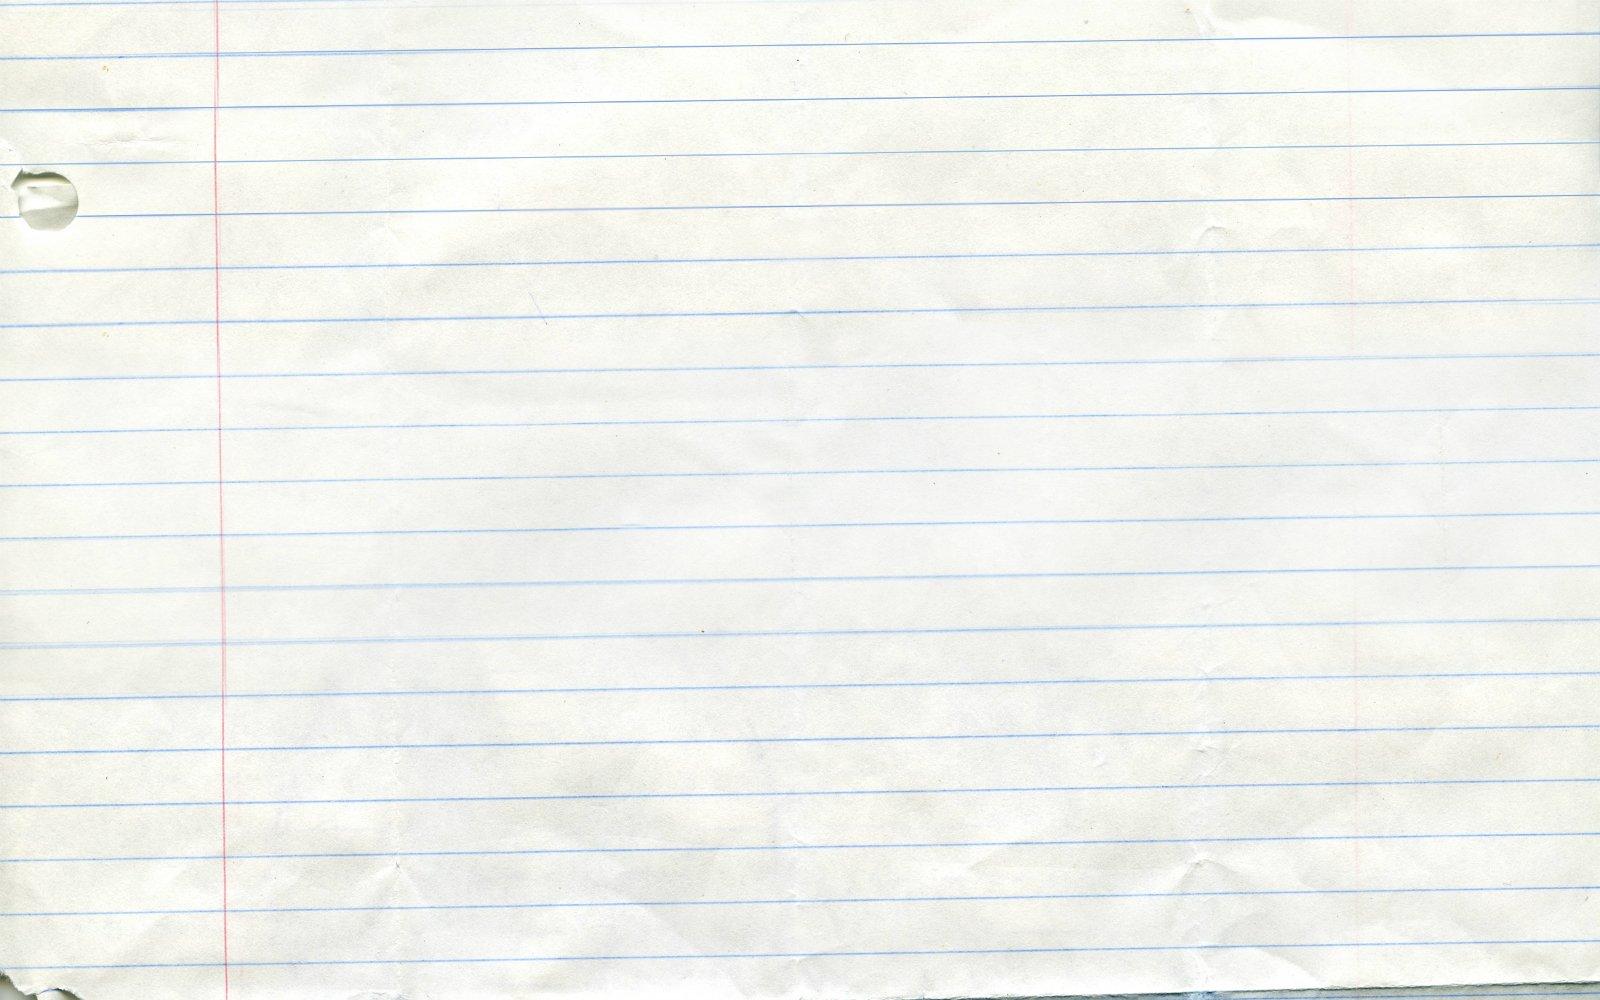 Background essay